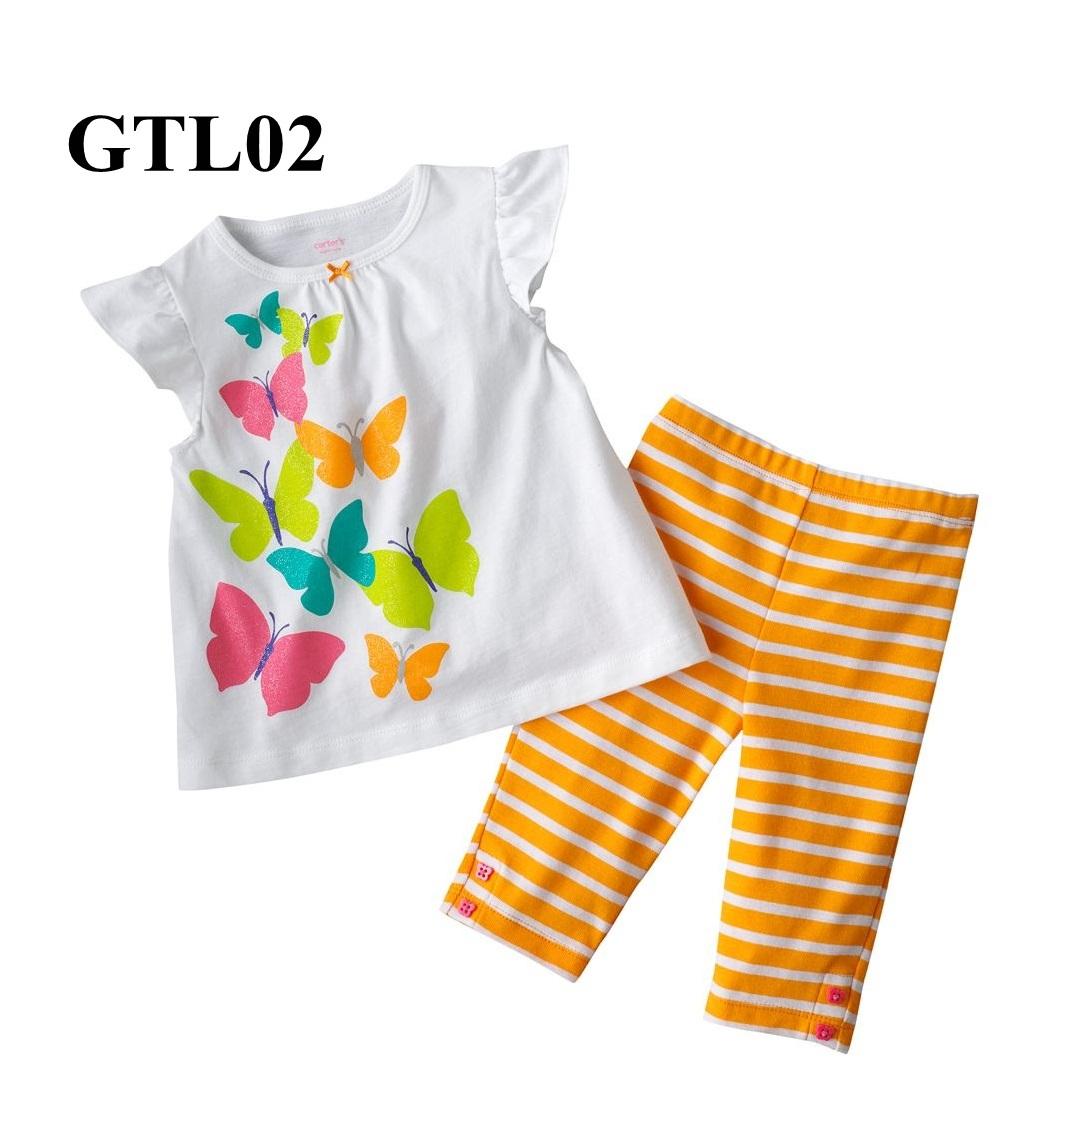 GTL02 เสื้อแขนสั้น+กางเกงขายาว (Size 24M) เนื้อผ้าดีมาก ผ้ายืดเกรดพรีเมียม หนาและนิ่ม ใส่สบาย